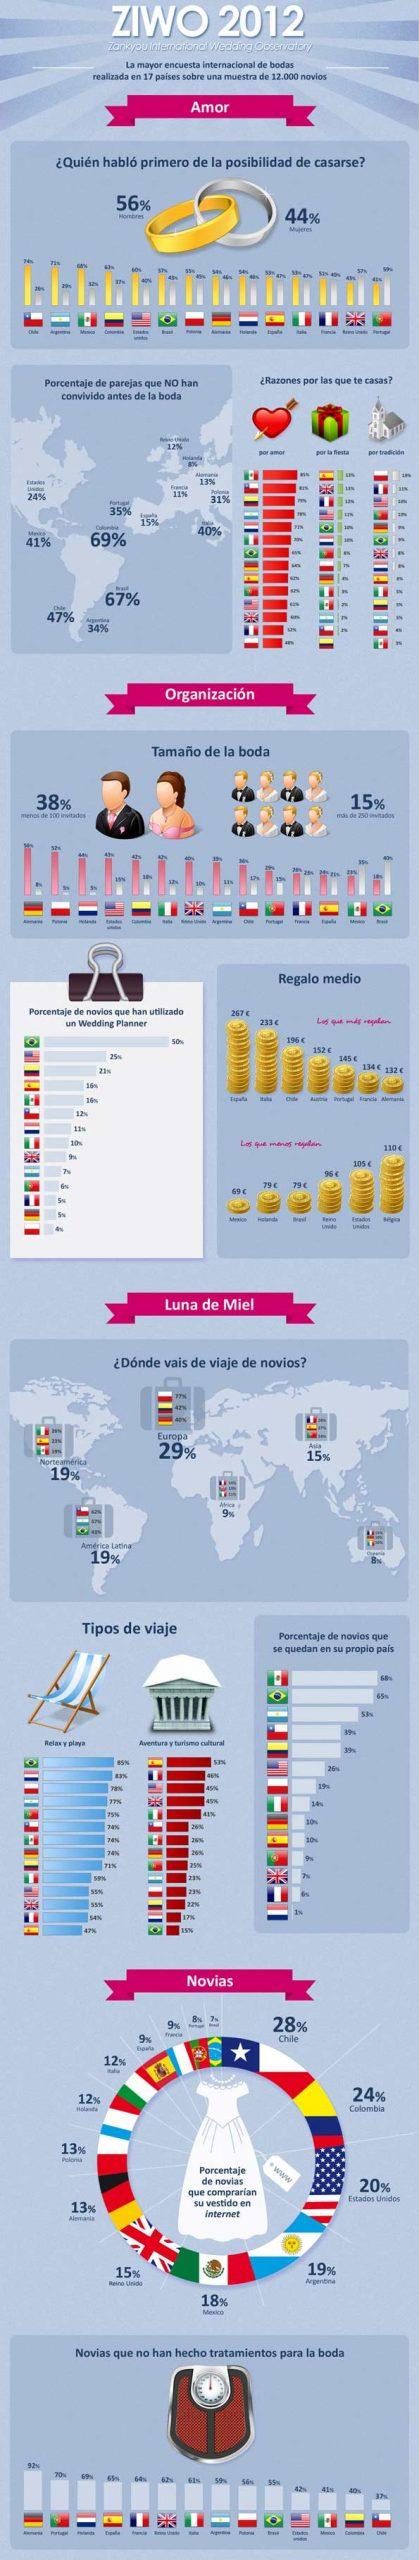 Infografia de un estudio sobre los preparativos de una boda.